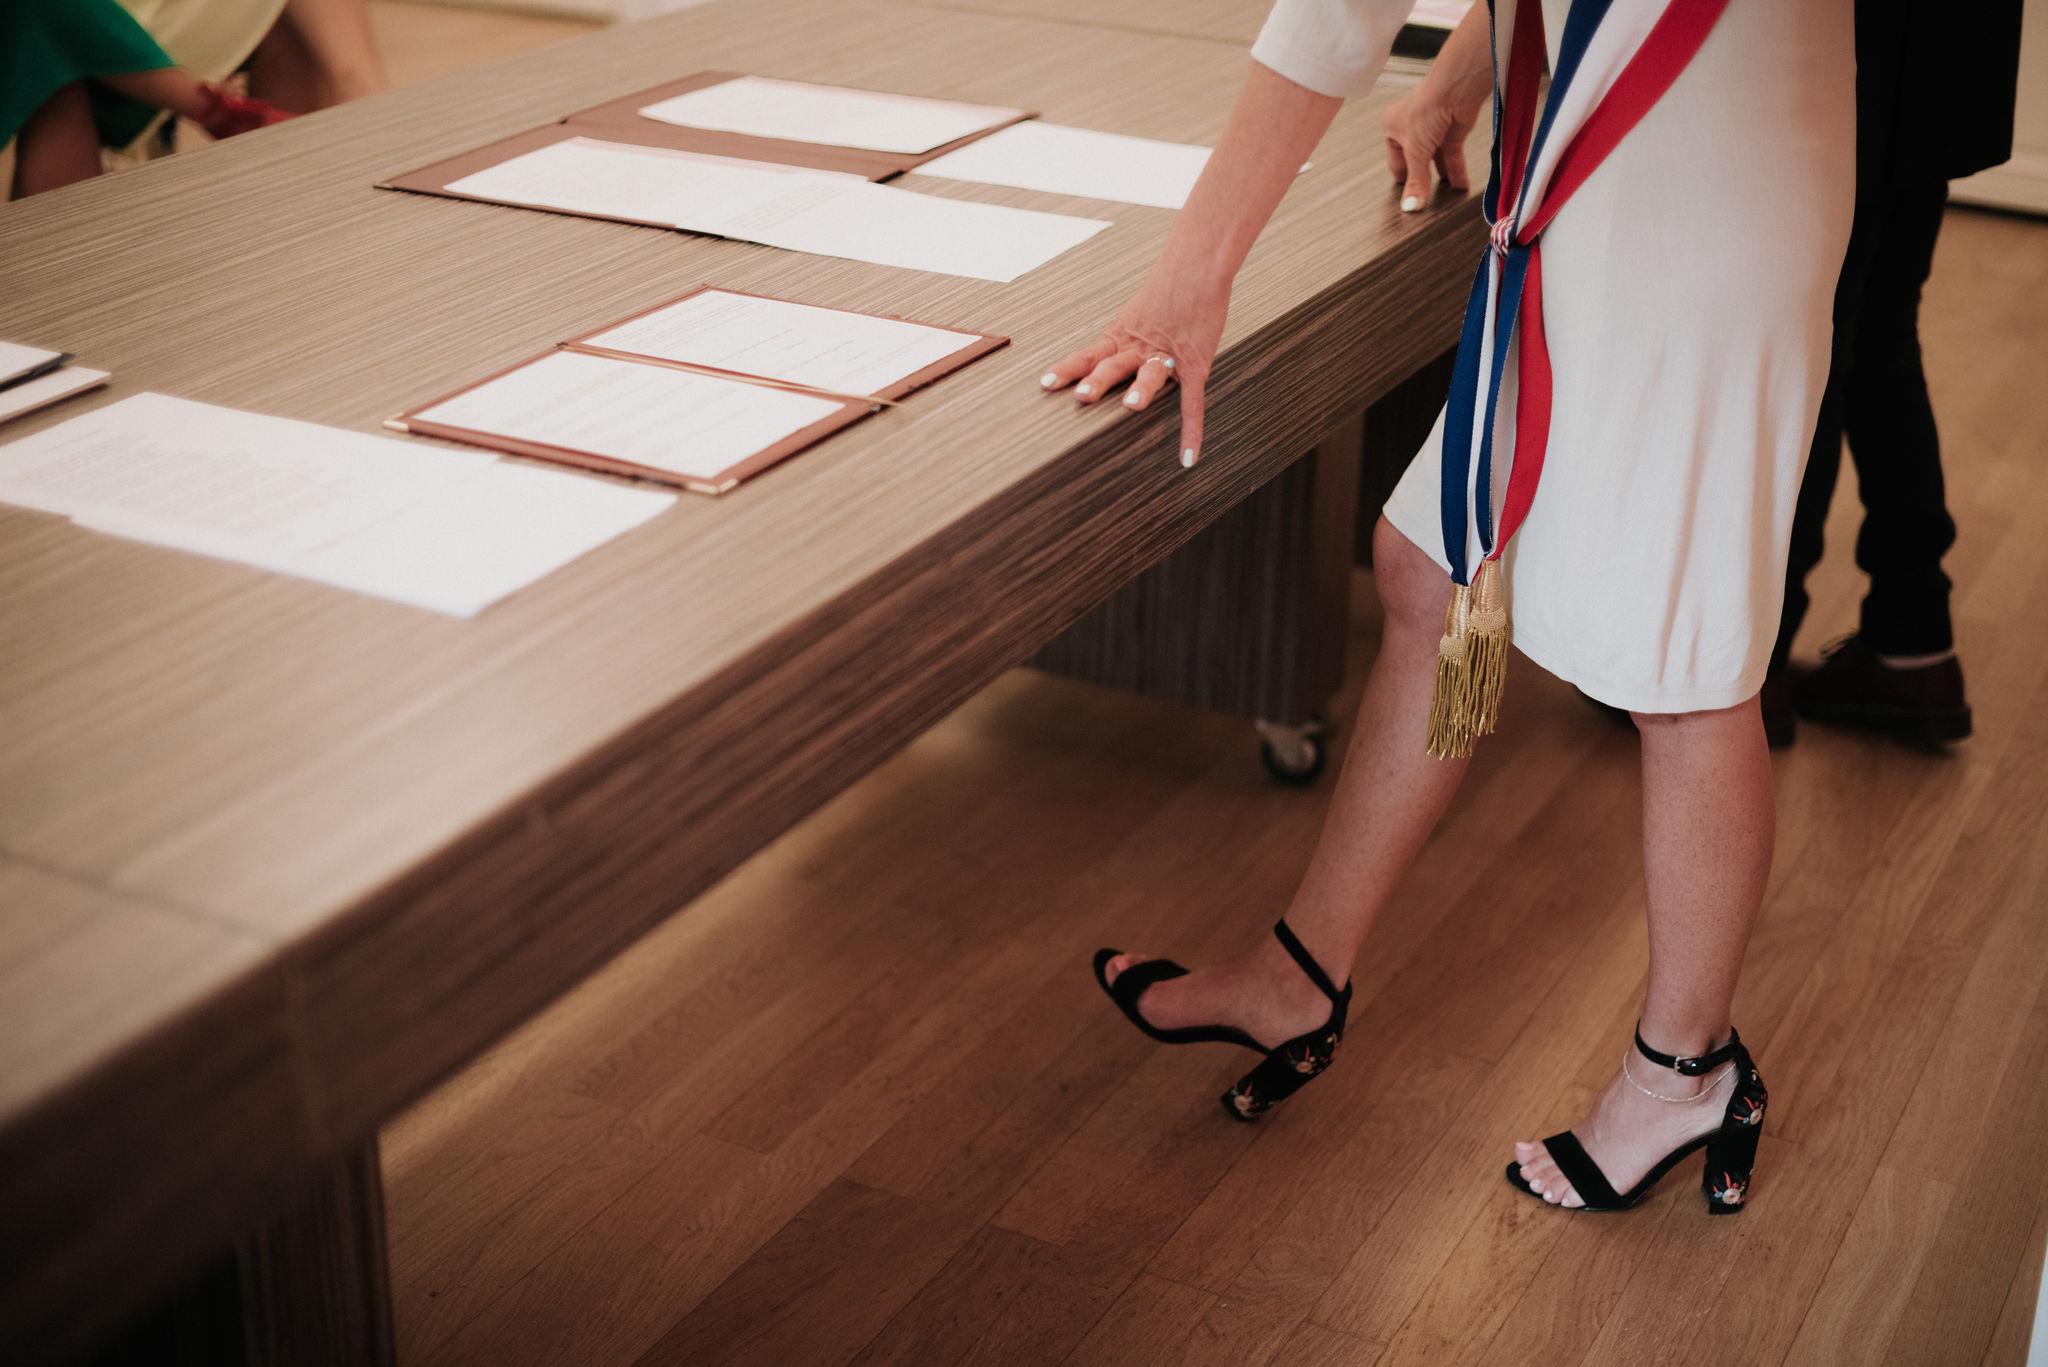 Léa-Fery-photographe-professionnel-lyon-rhone-alpes-portrait-creation-mariage-evenement-evenementiel-famille-6329.jpg